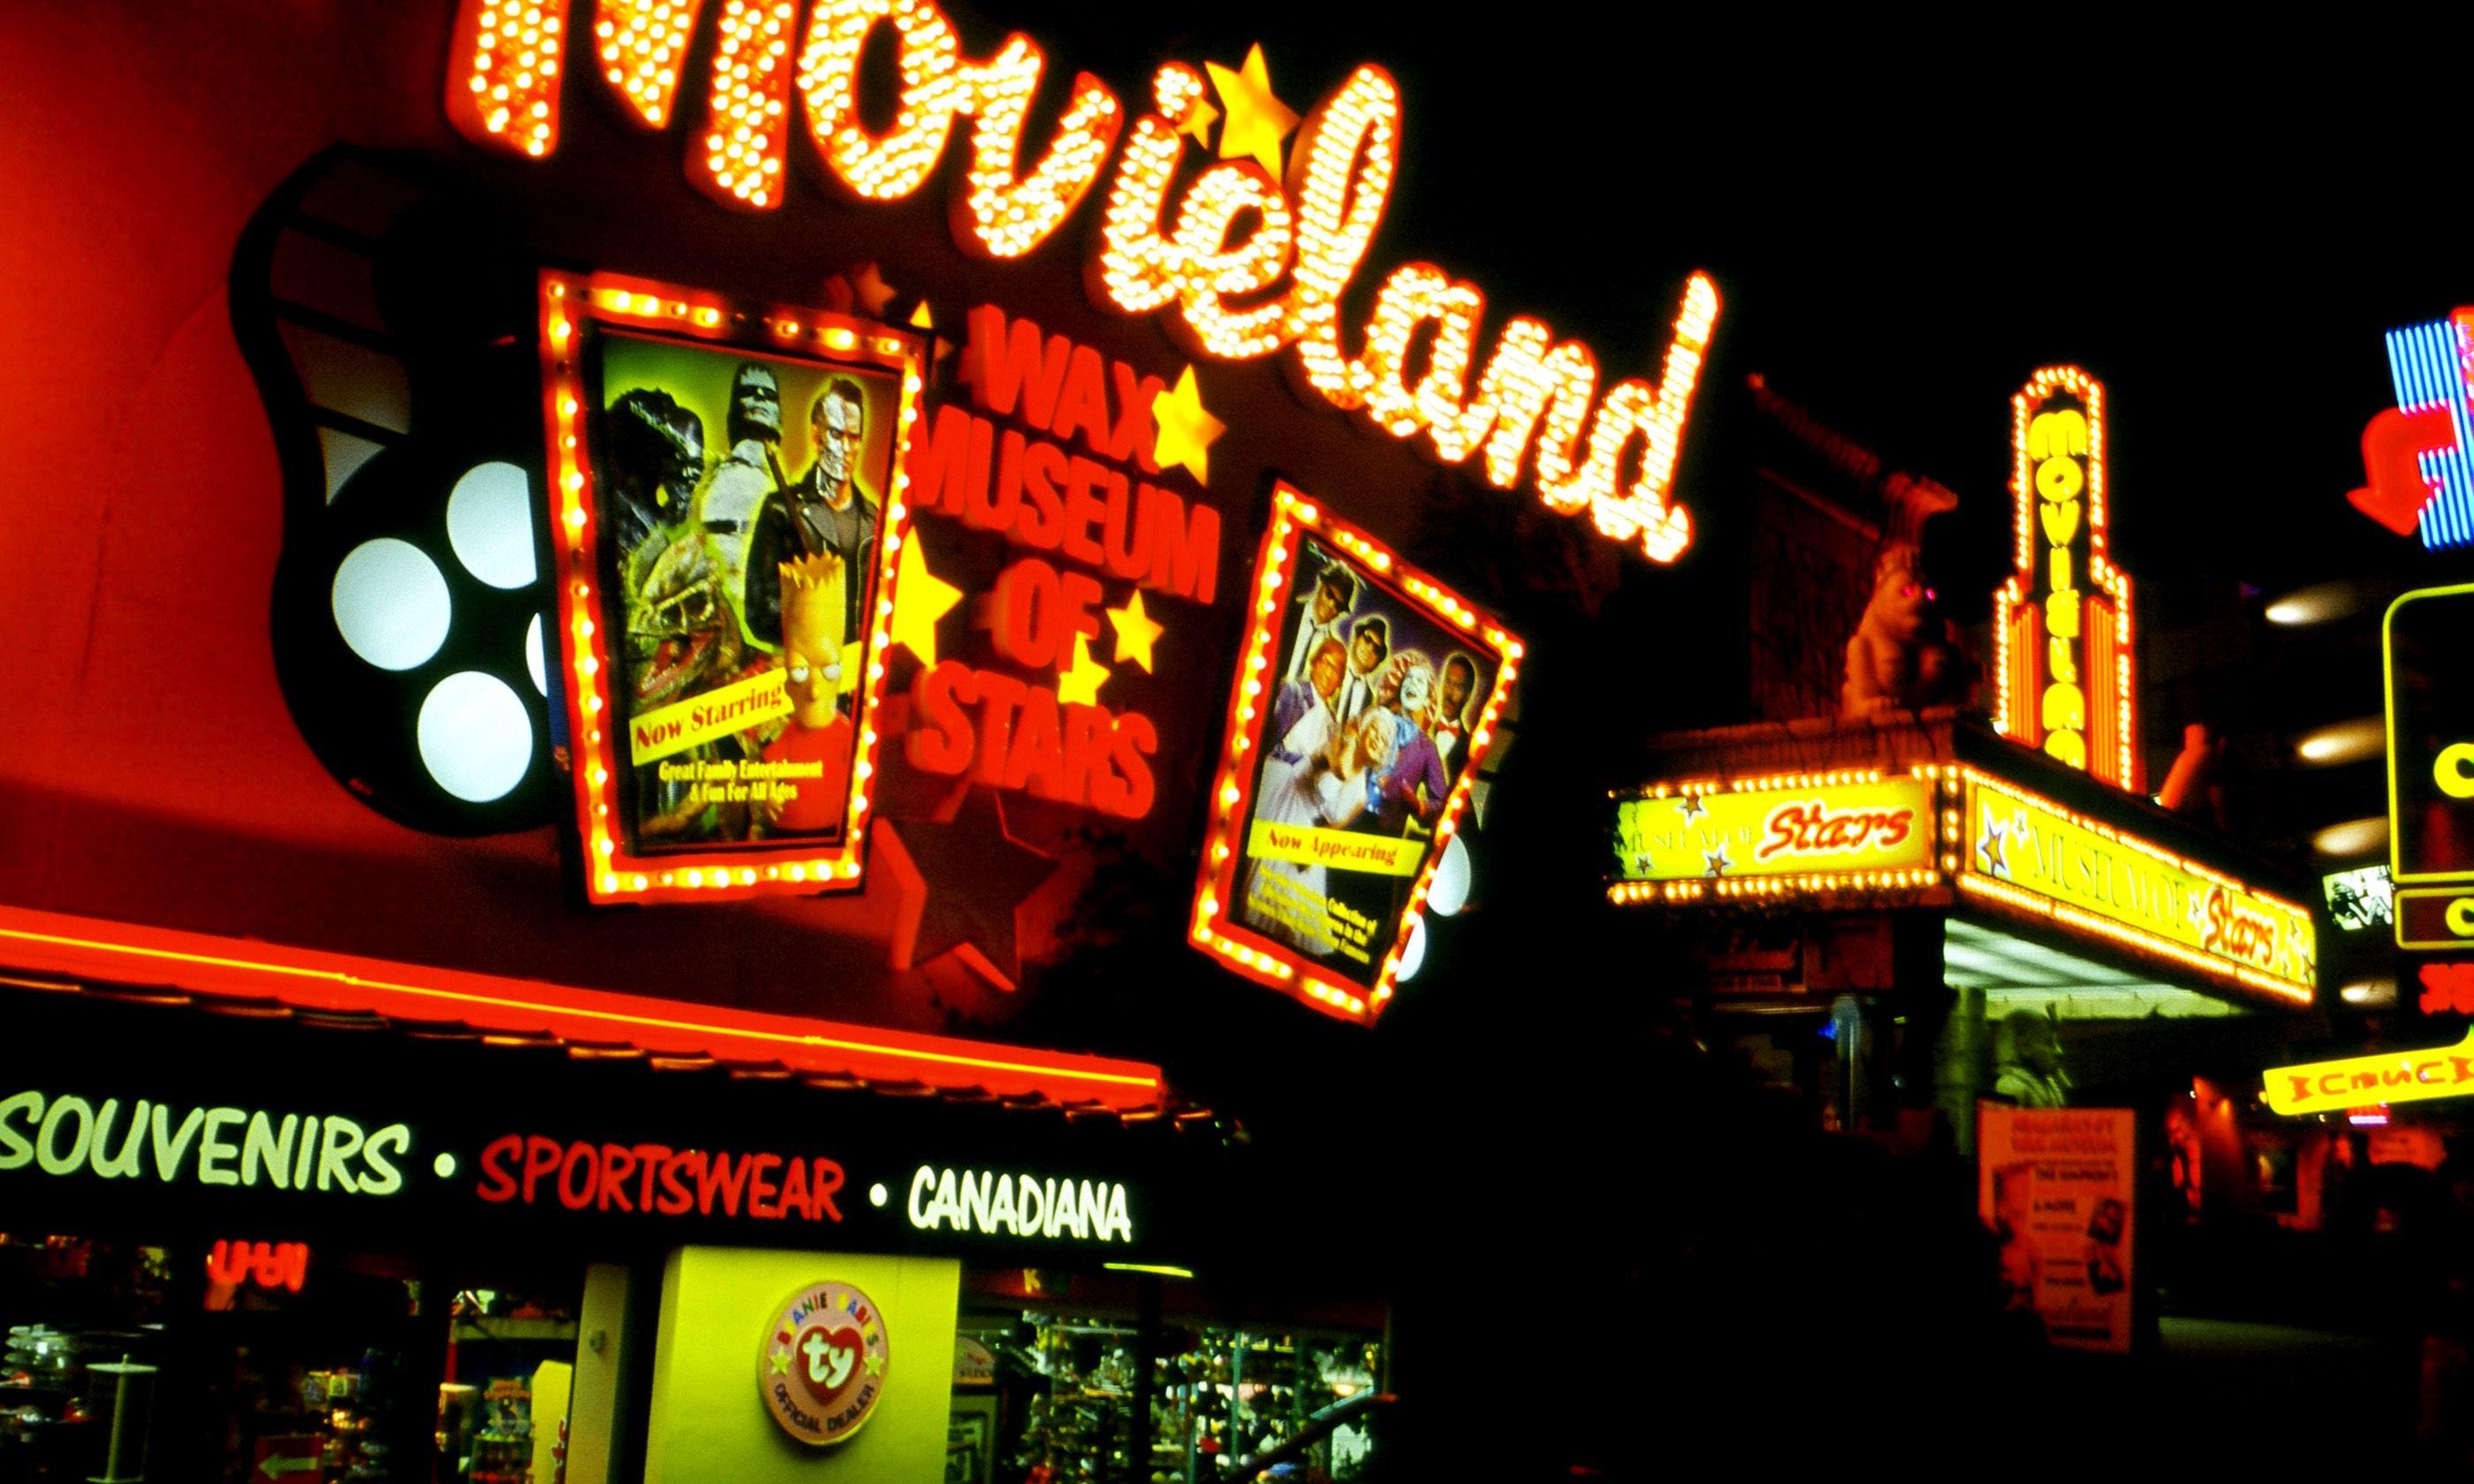 Movieland Wax Museum (Shutterstock.com)